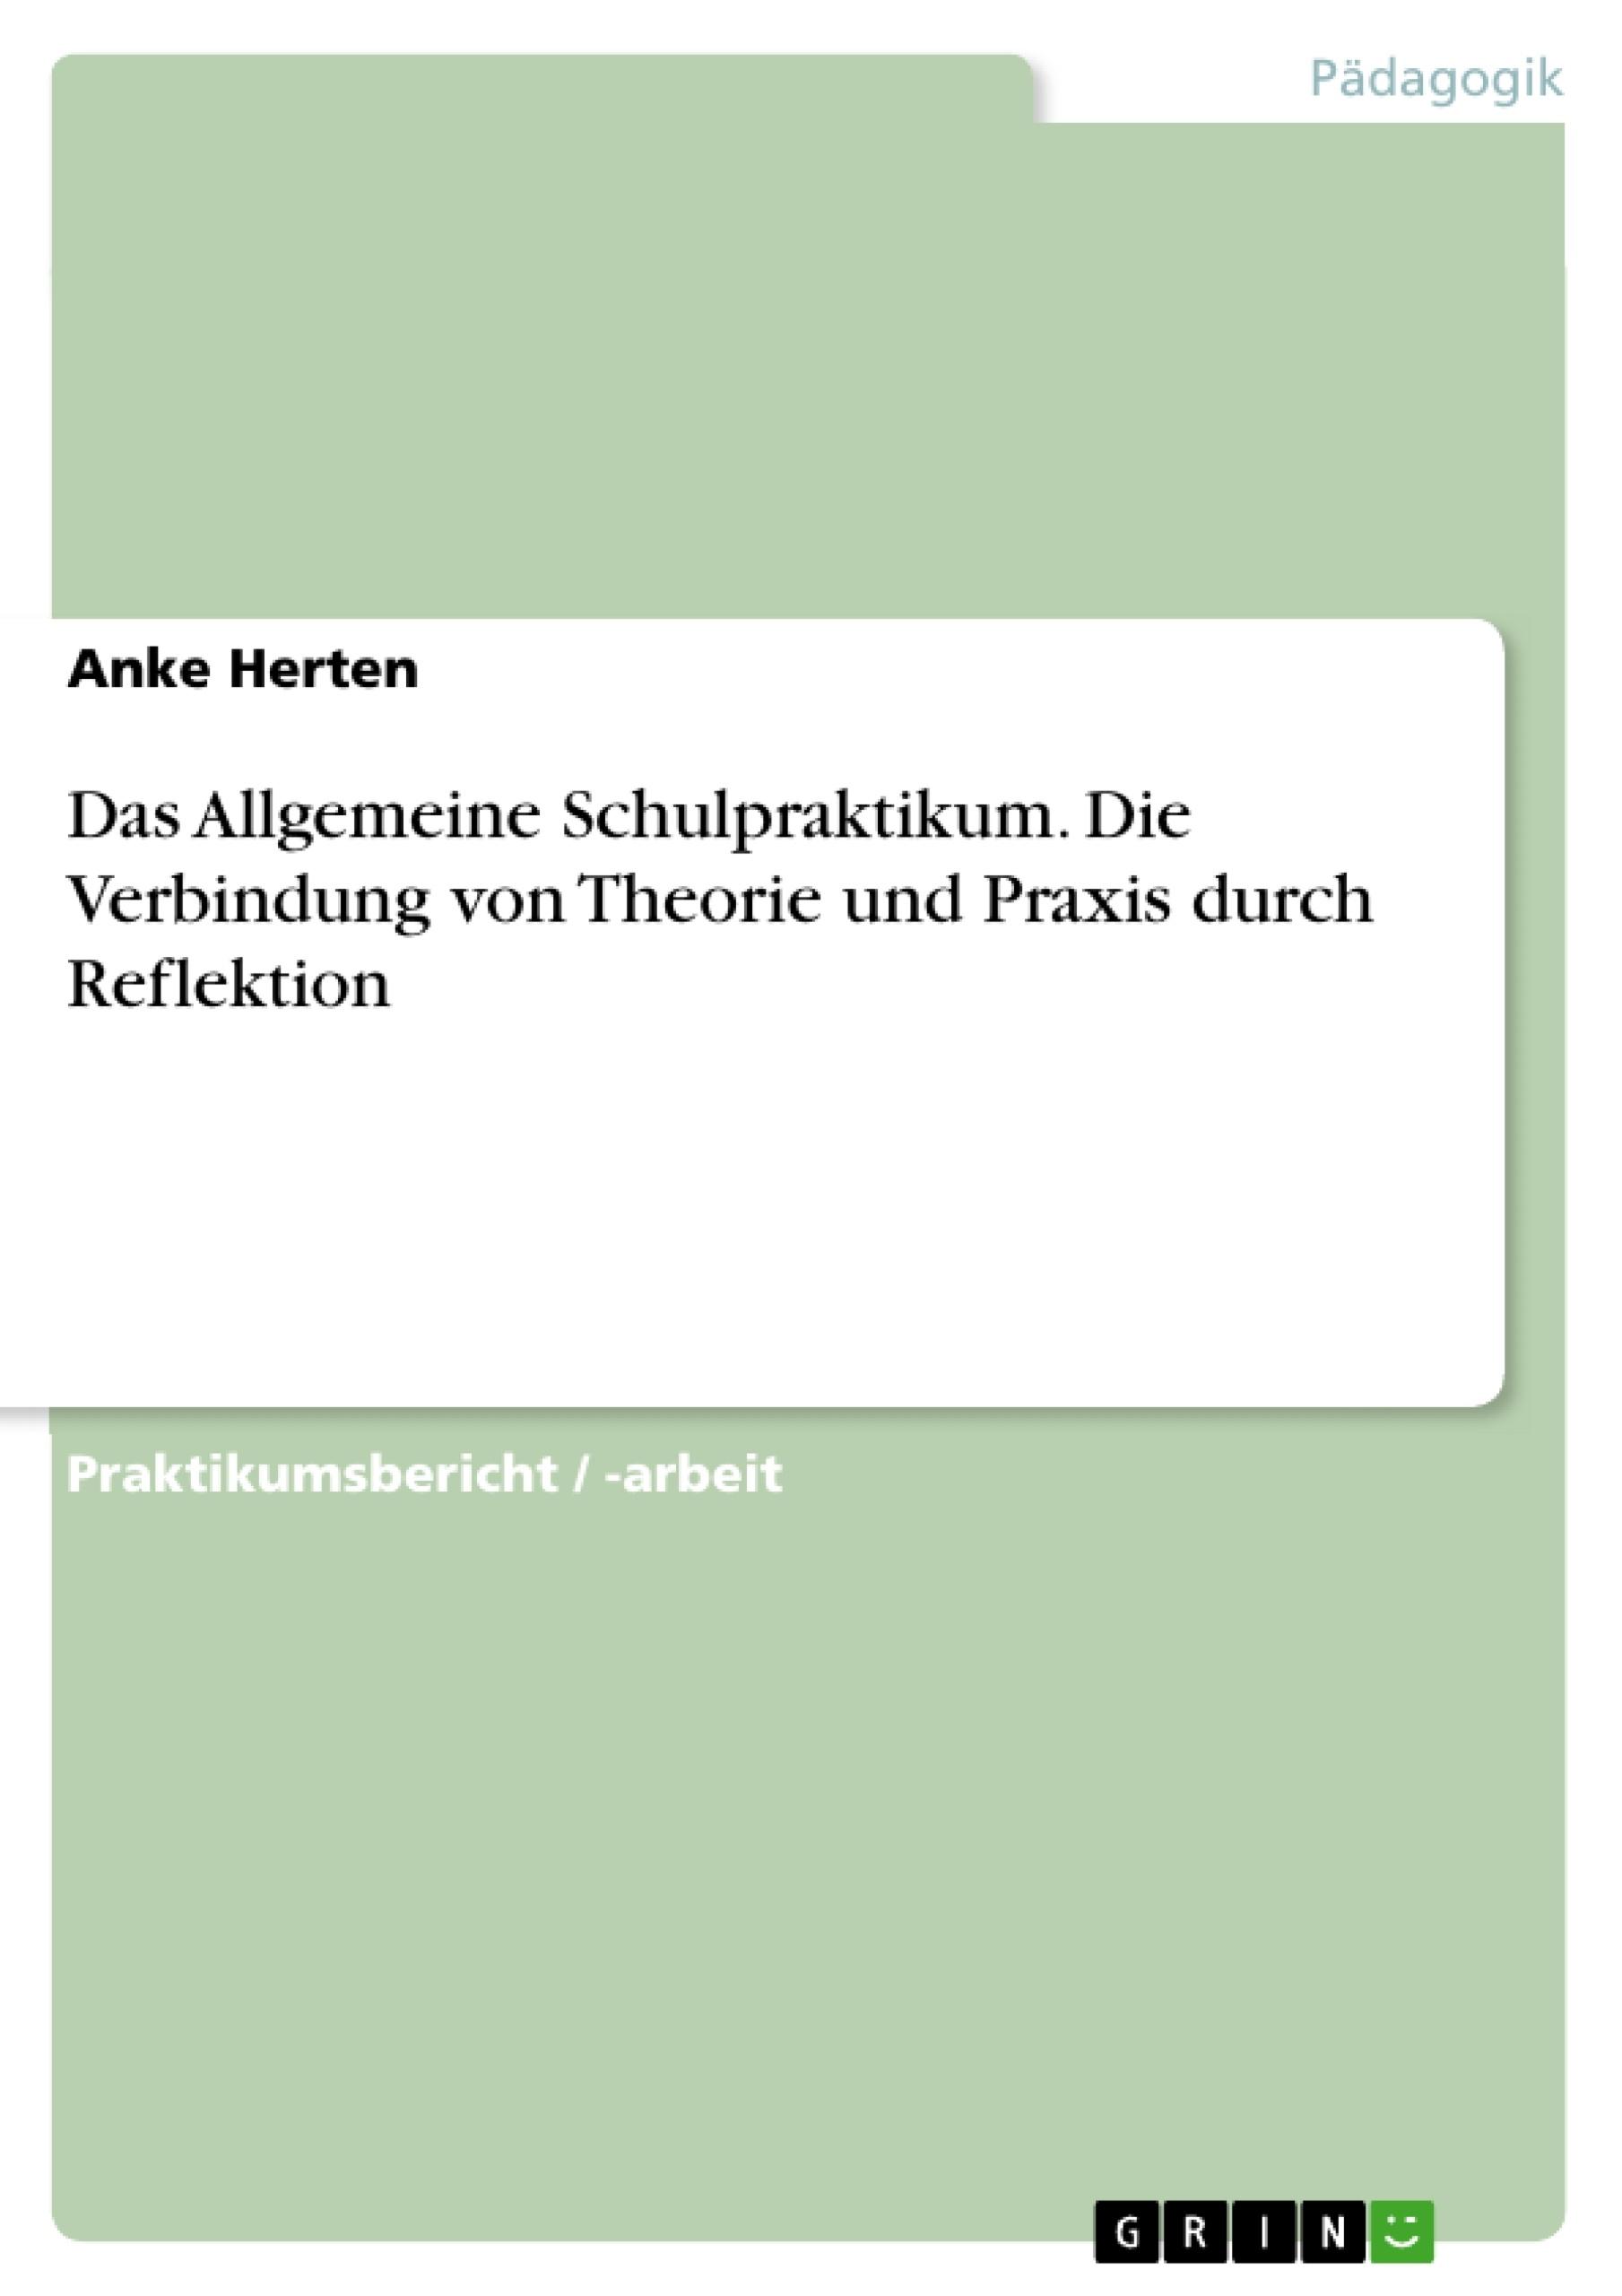 Titel: Das Allgemeine Schulpraktikum. Die Verbindung von Theorie und Praxis durch Reflektion